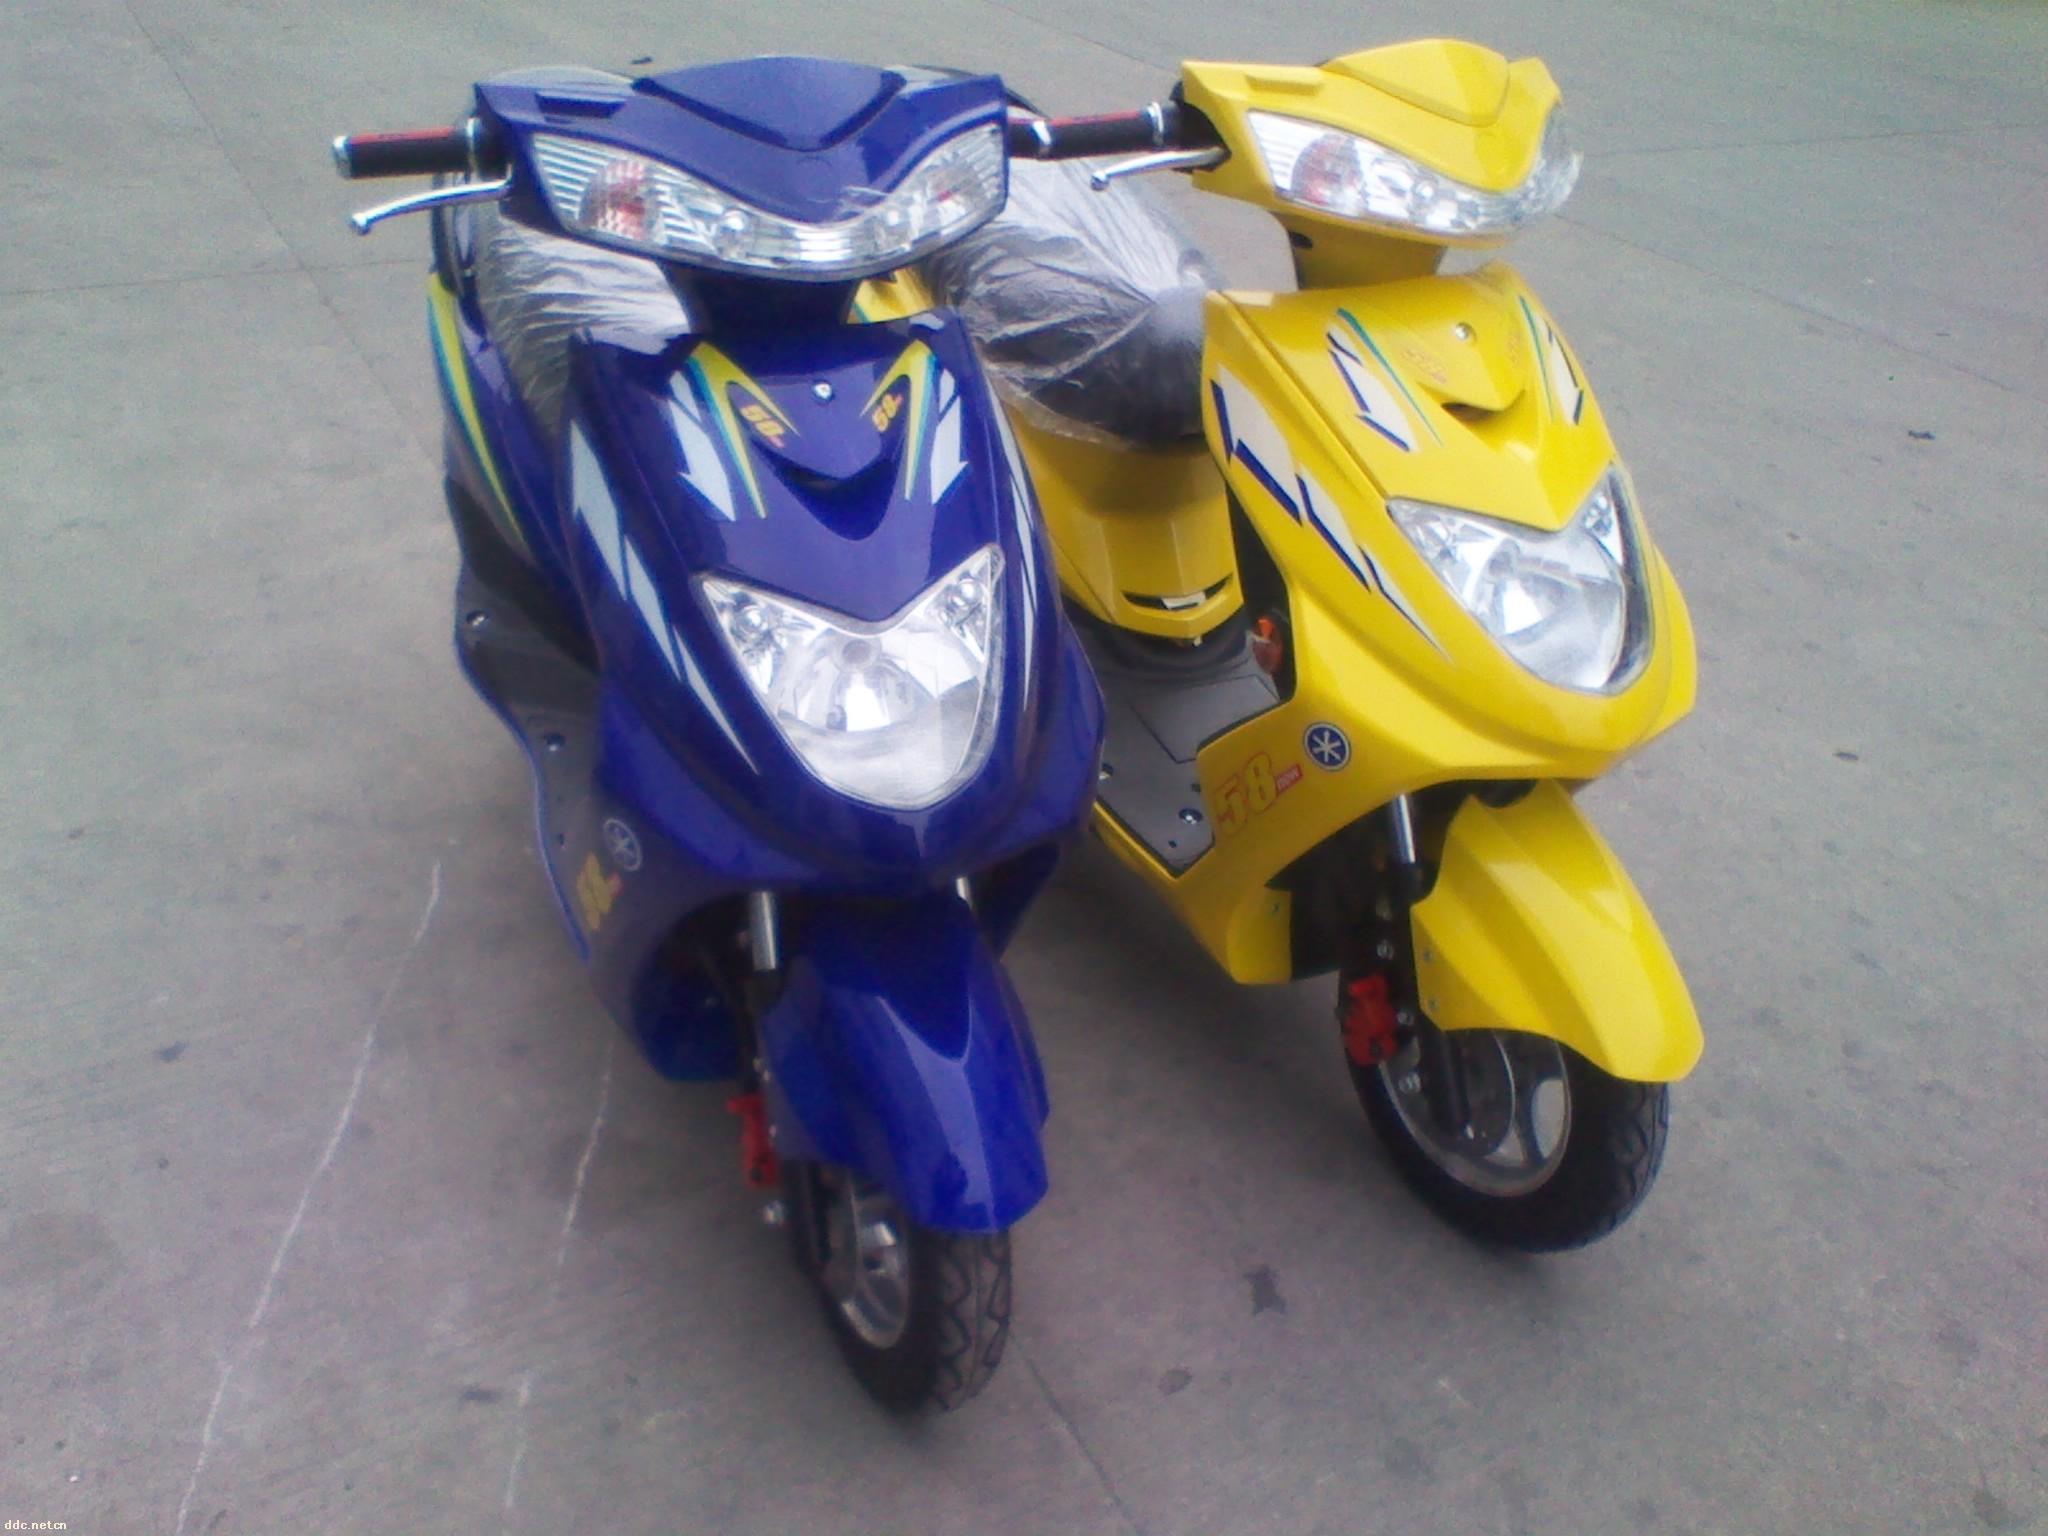 新本田嘉陵70摩托车图片大全 本田摩托车额, 已解决 搜